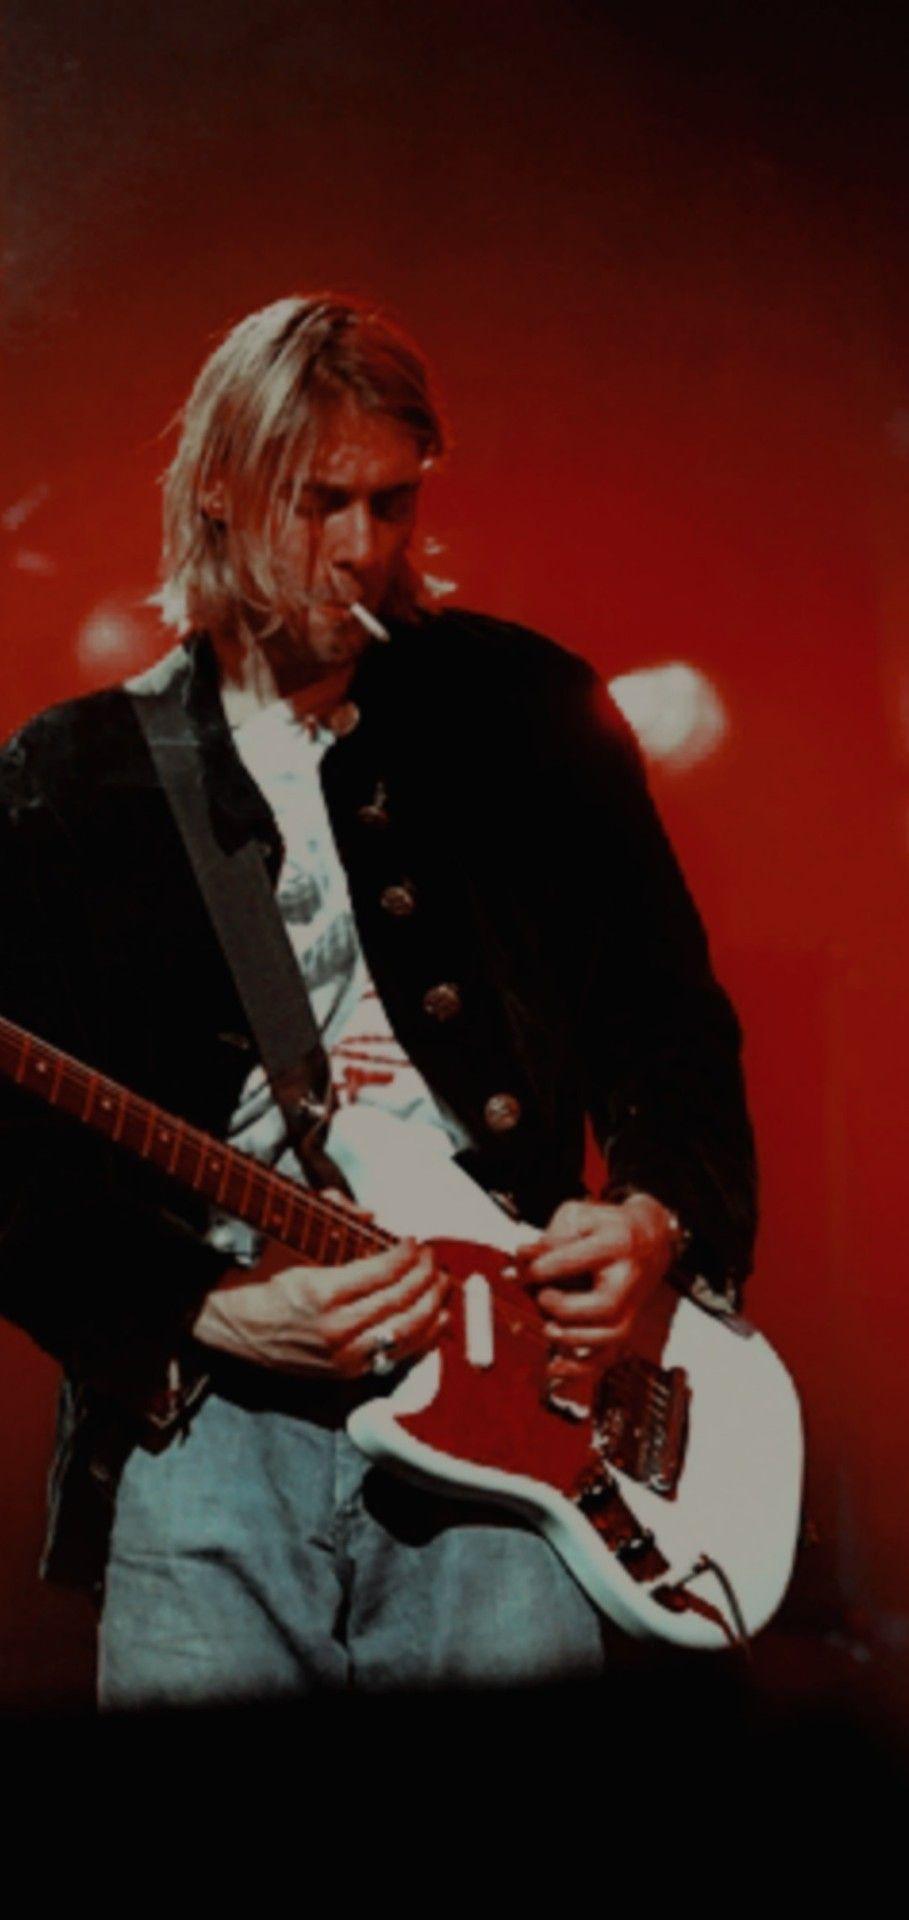 𝑷𝑨𝑹𝑨𝑫𝑰𝑺𝑬 𝑪𝑰𝑻𝒀 𝑲𝒖𝒓𝒕 𝑪𝒐𝒃𝒂𝒊𝒏 𝑳𝒐𝒄𝒌𝒔𝒄𝒓𝒆𝒆𝒏𝒔 𝐿𝑖𝑘𝑒 𝑜𝑟 𝑟𝑒𝑏𝑙𝑜𝑔 𝑖𝑓 Y𝑜𝑢 𝑠𝑎𝑣𝑒 Kurt Cobain Nirvana Freddie Mercury